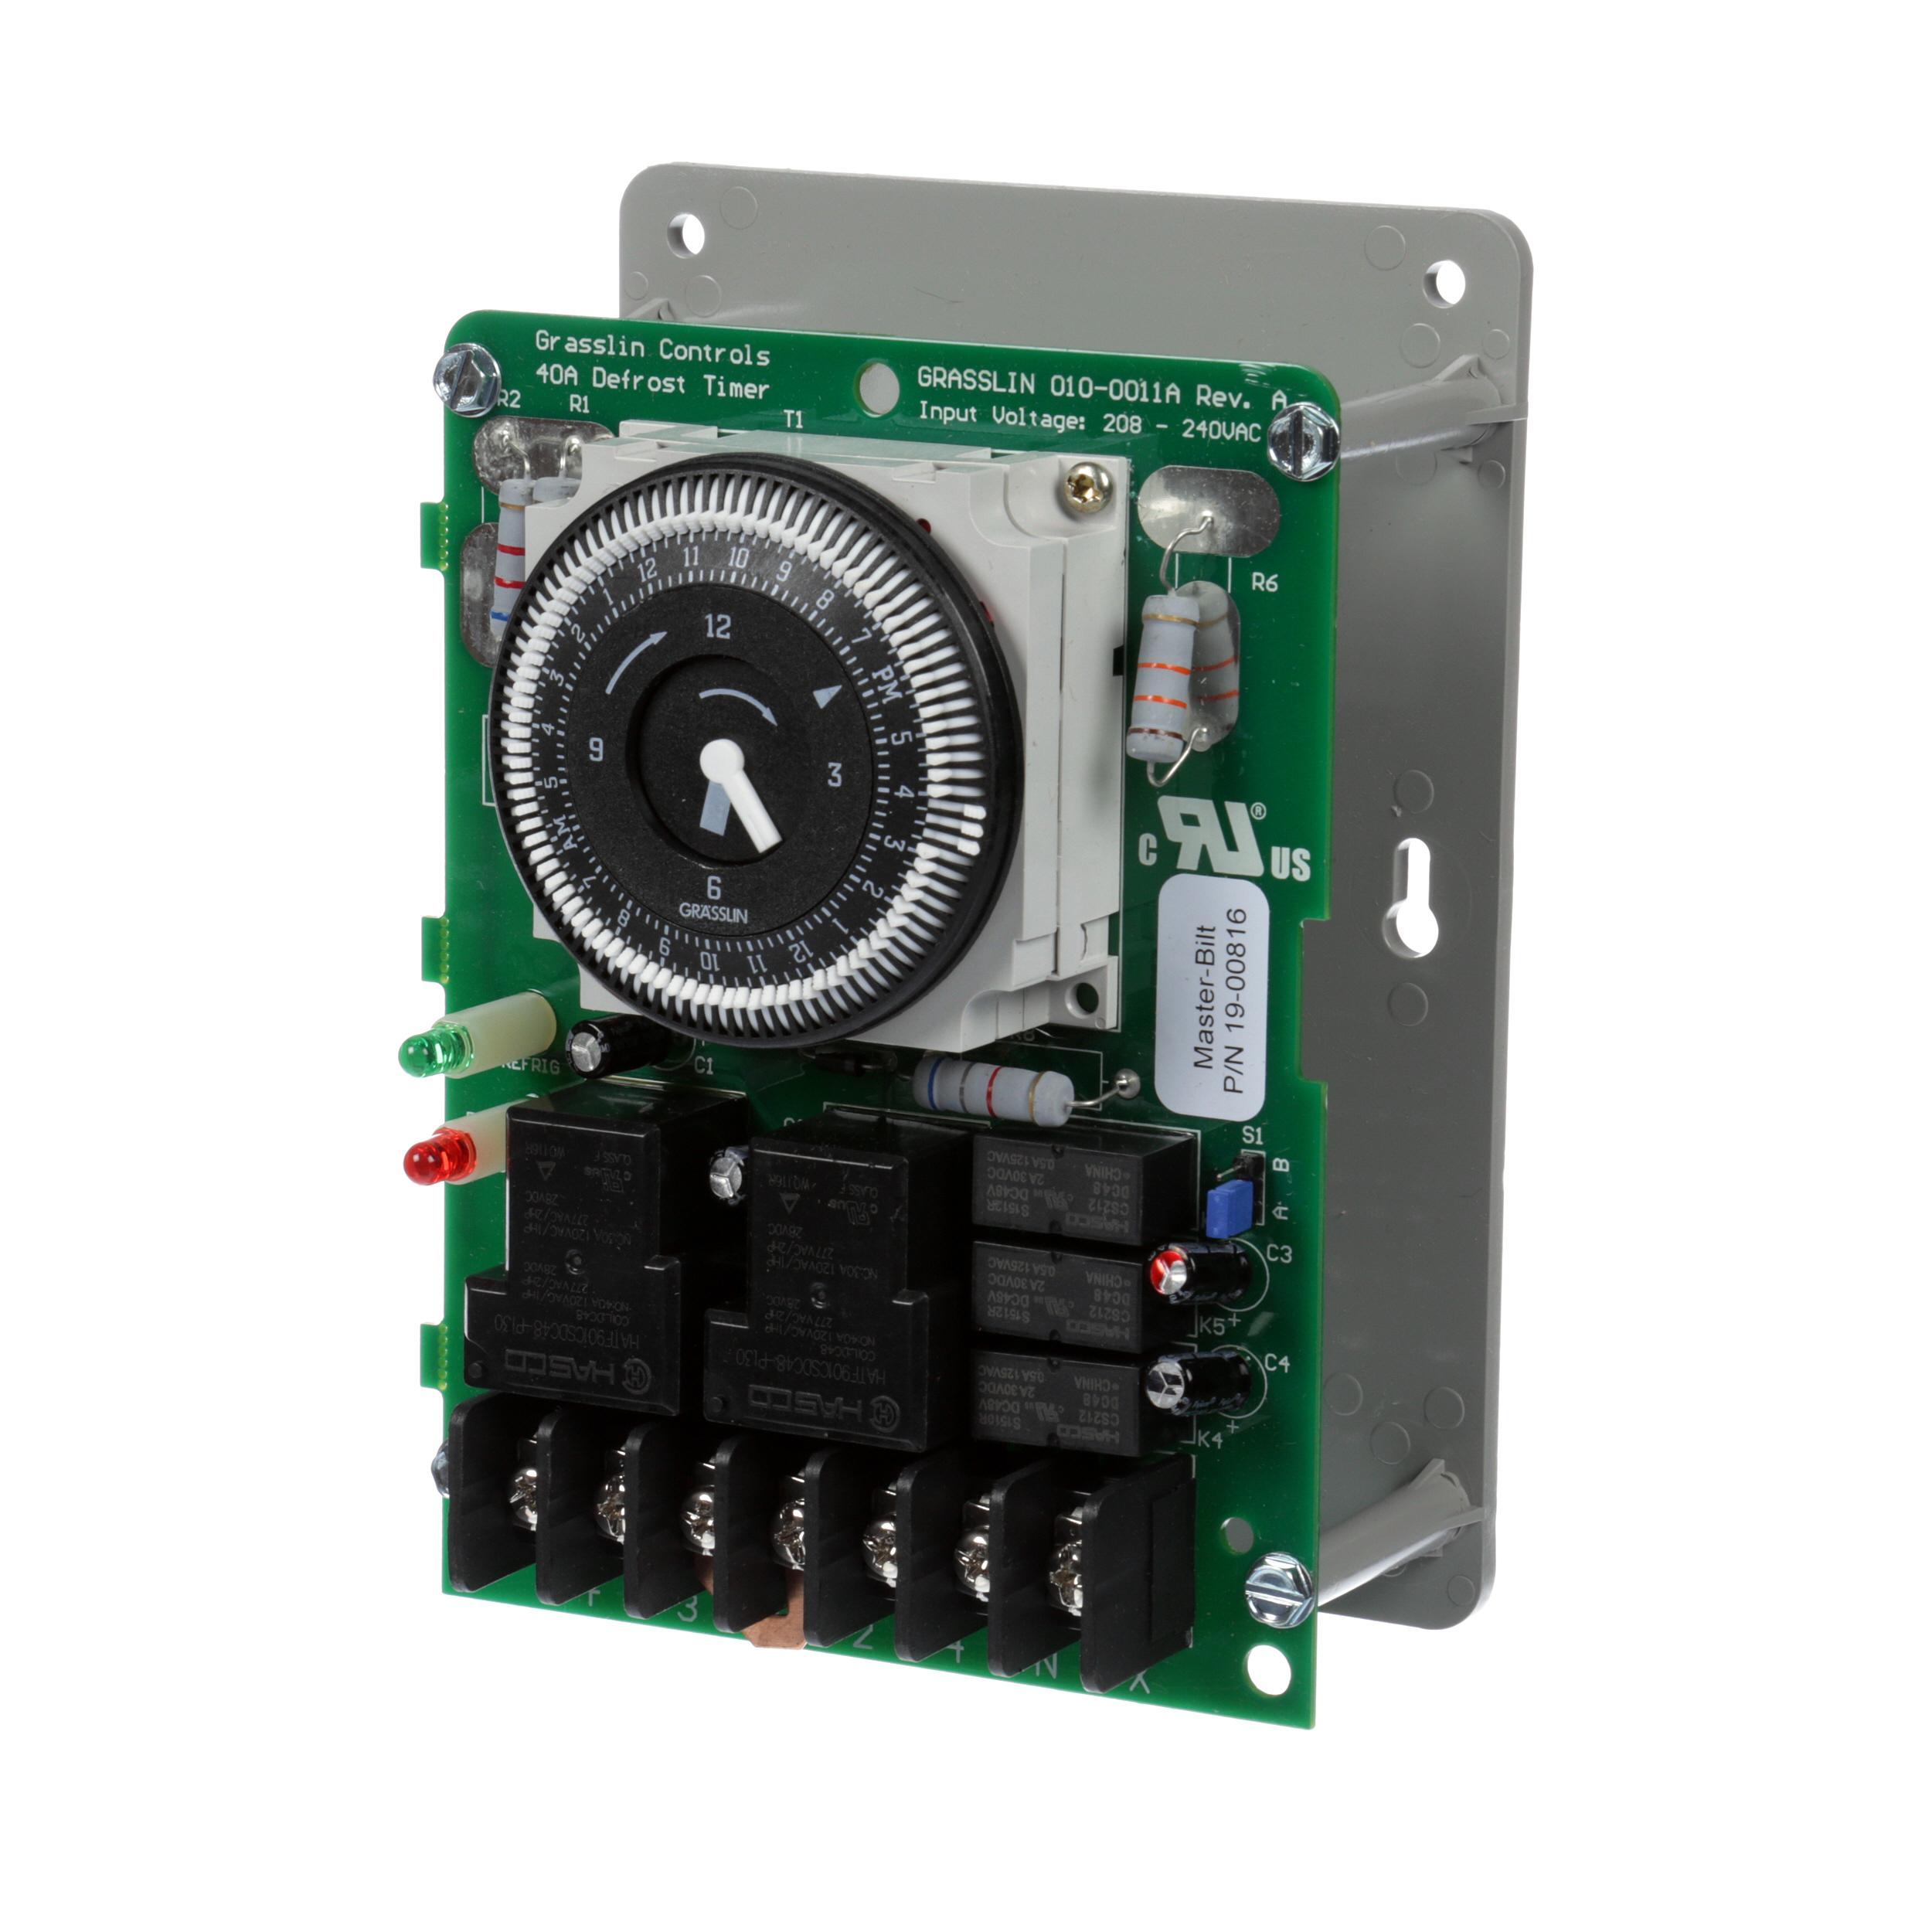 paragon timer 8145 20 wiring diagram kawasaki bayou 8045 00